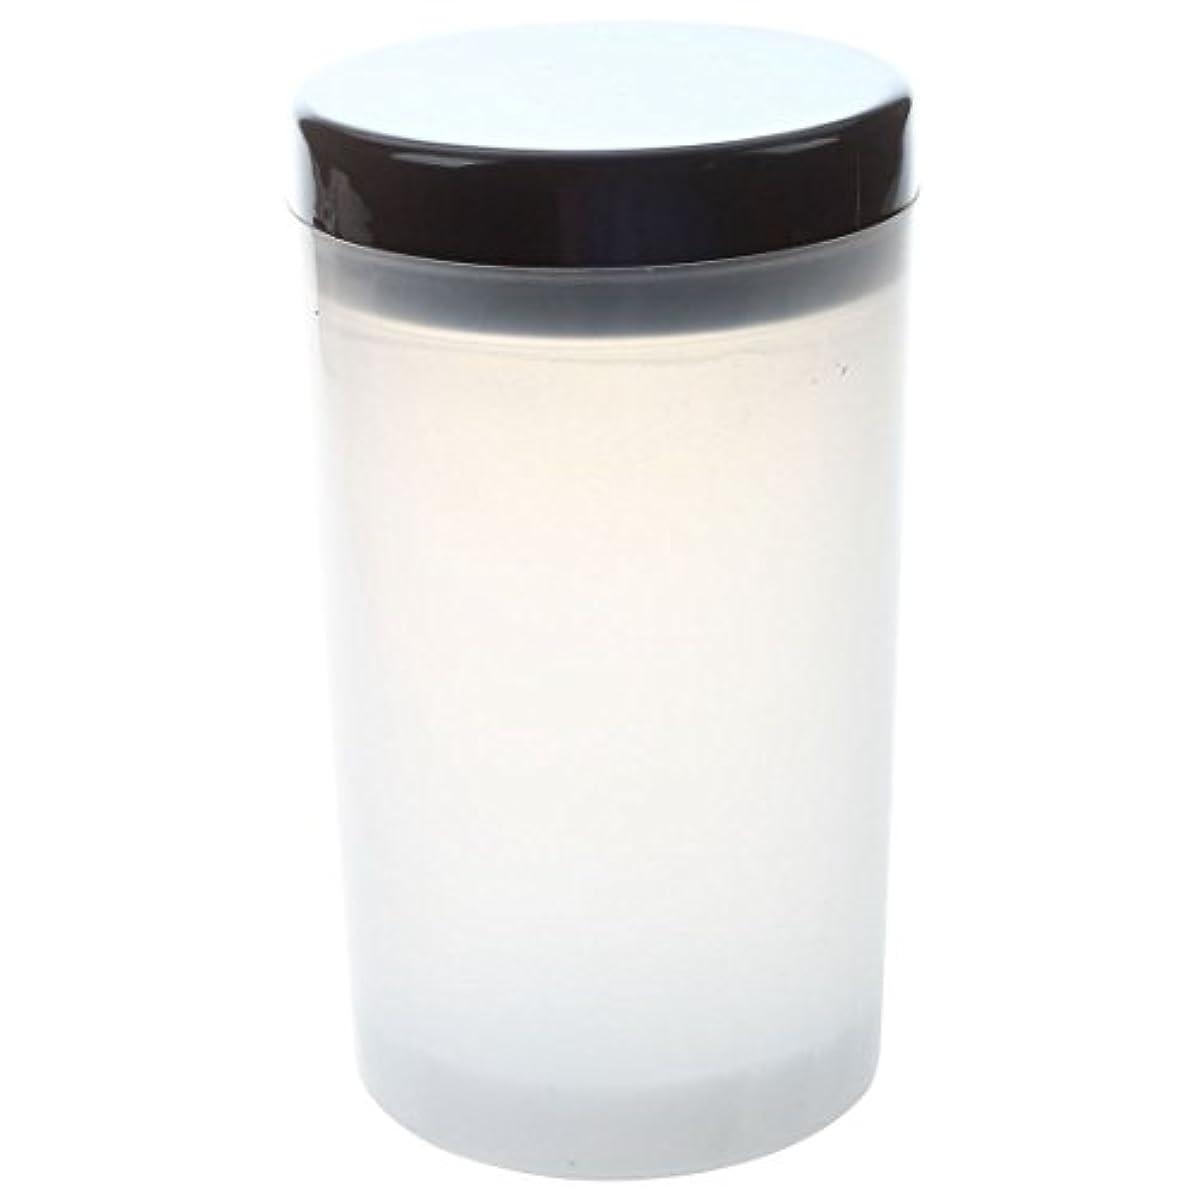 パトロン靴下フォージSODIAL ネイルアートチップブラシホルダー リムーバーカップカップ浸漬ブラシ クリーナーボトル